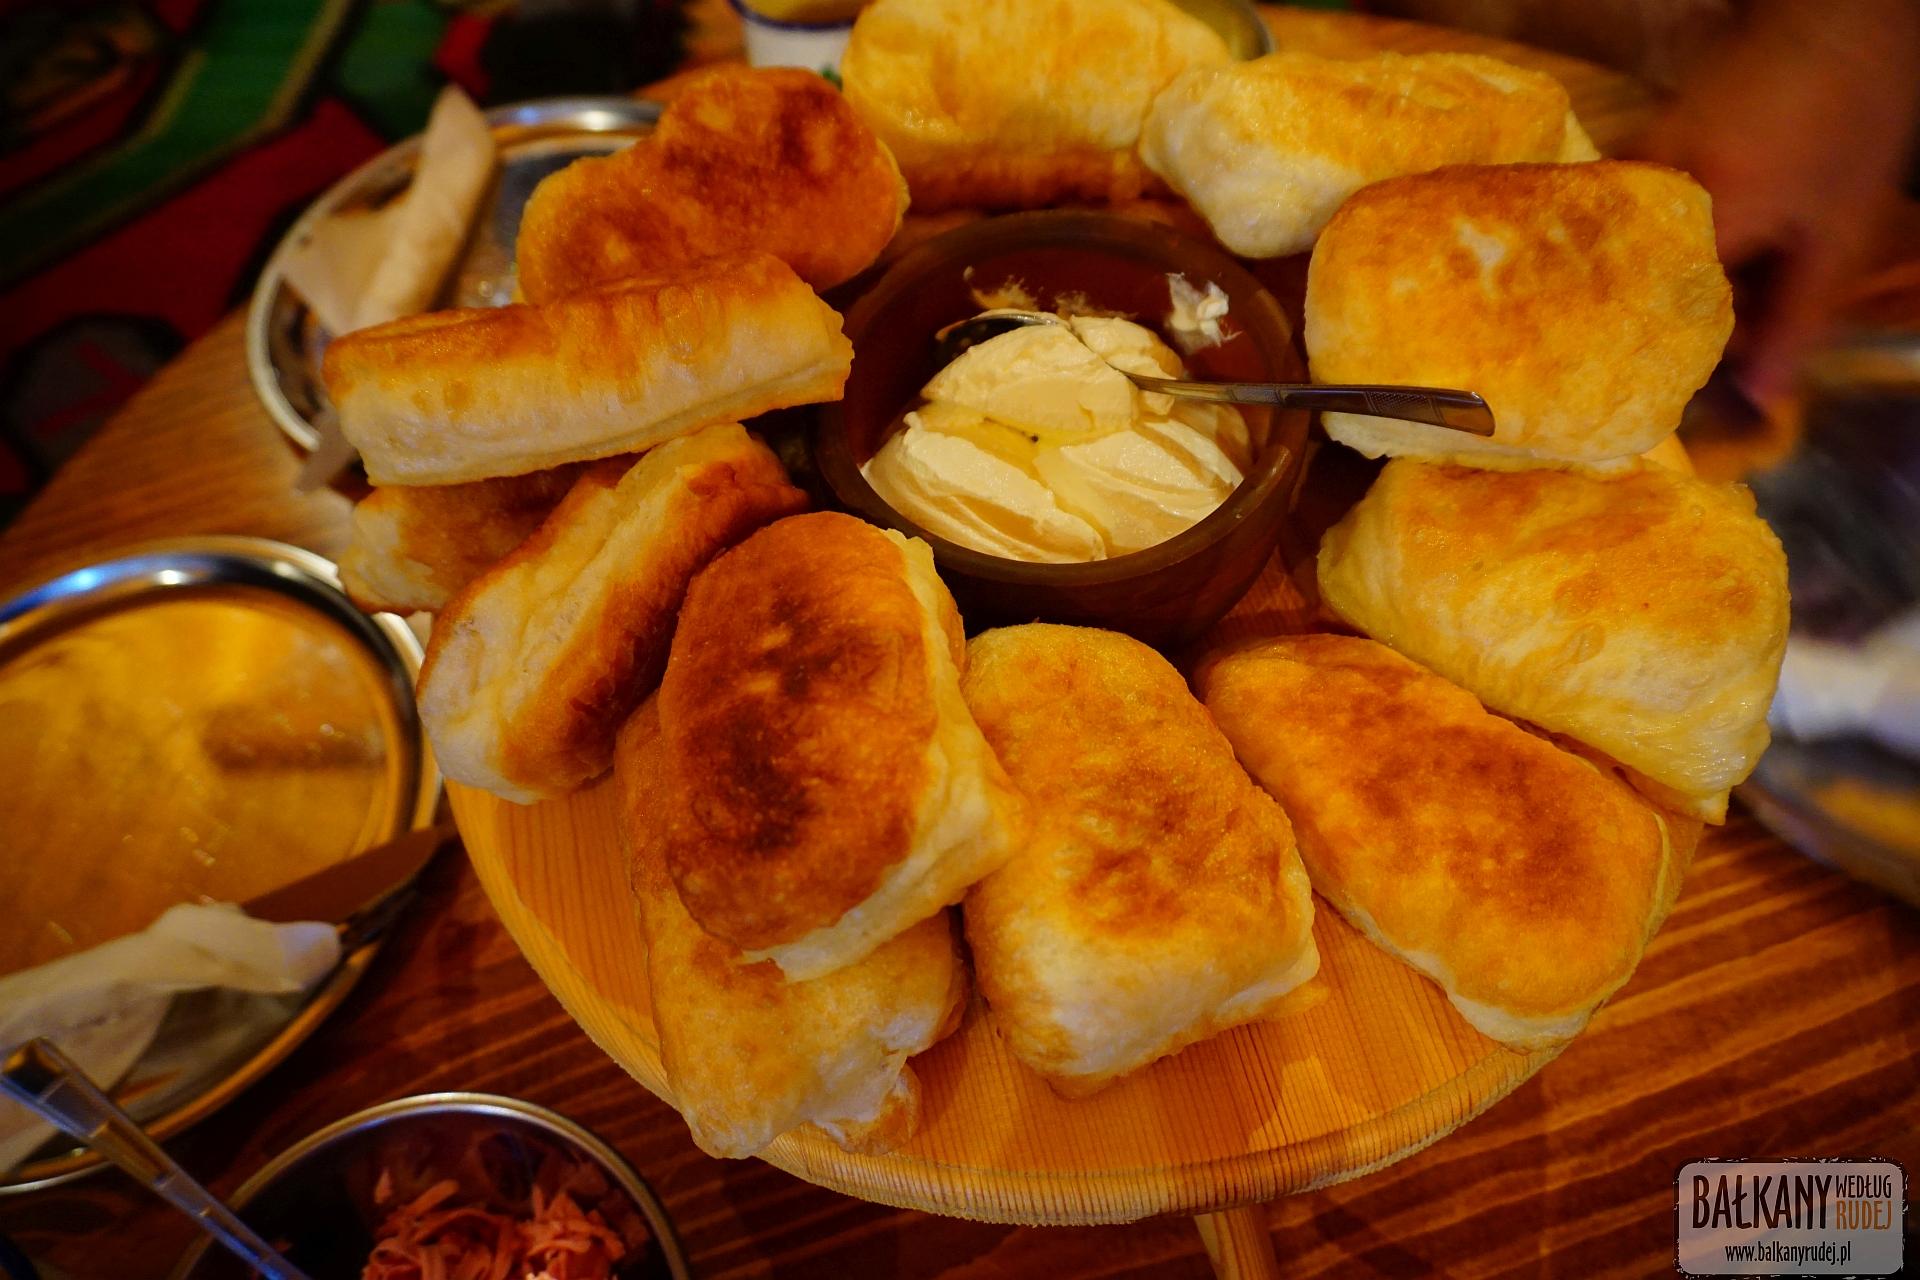 Kuchnia Bośni i Hercegowiny - ustipci - kuchnie świata. Autorka zdjęcia: Olka Zagórska